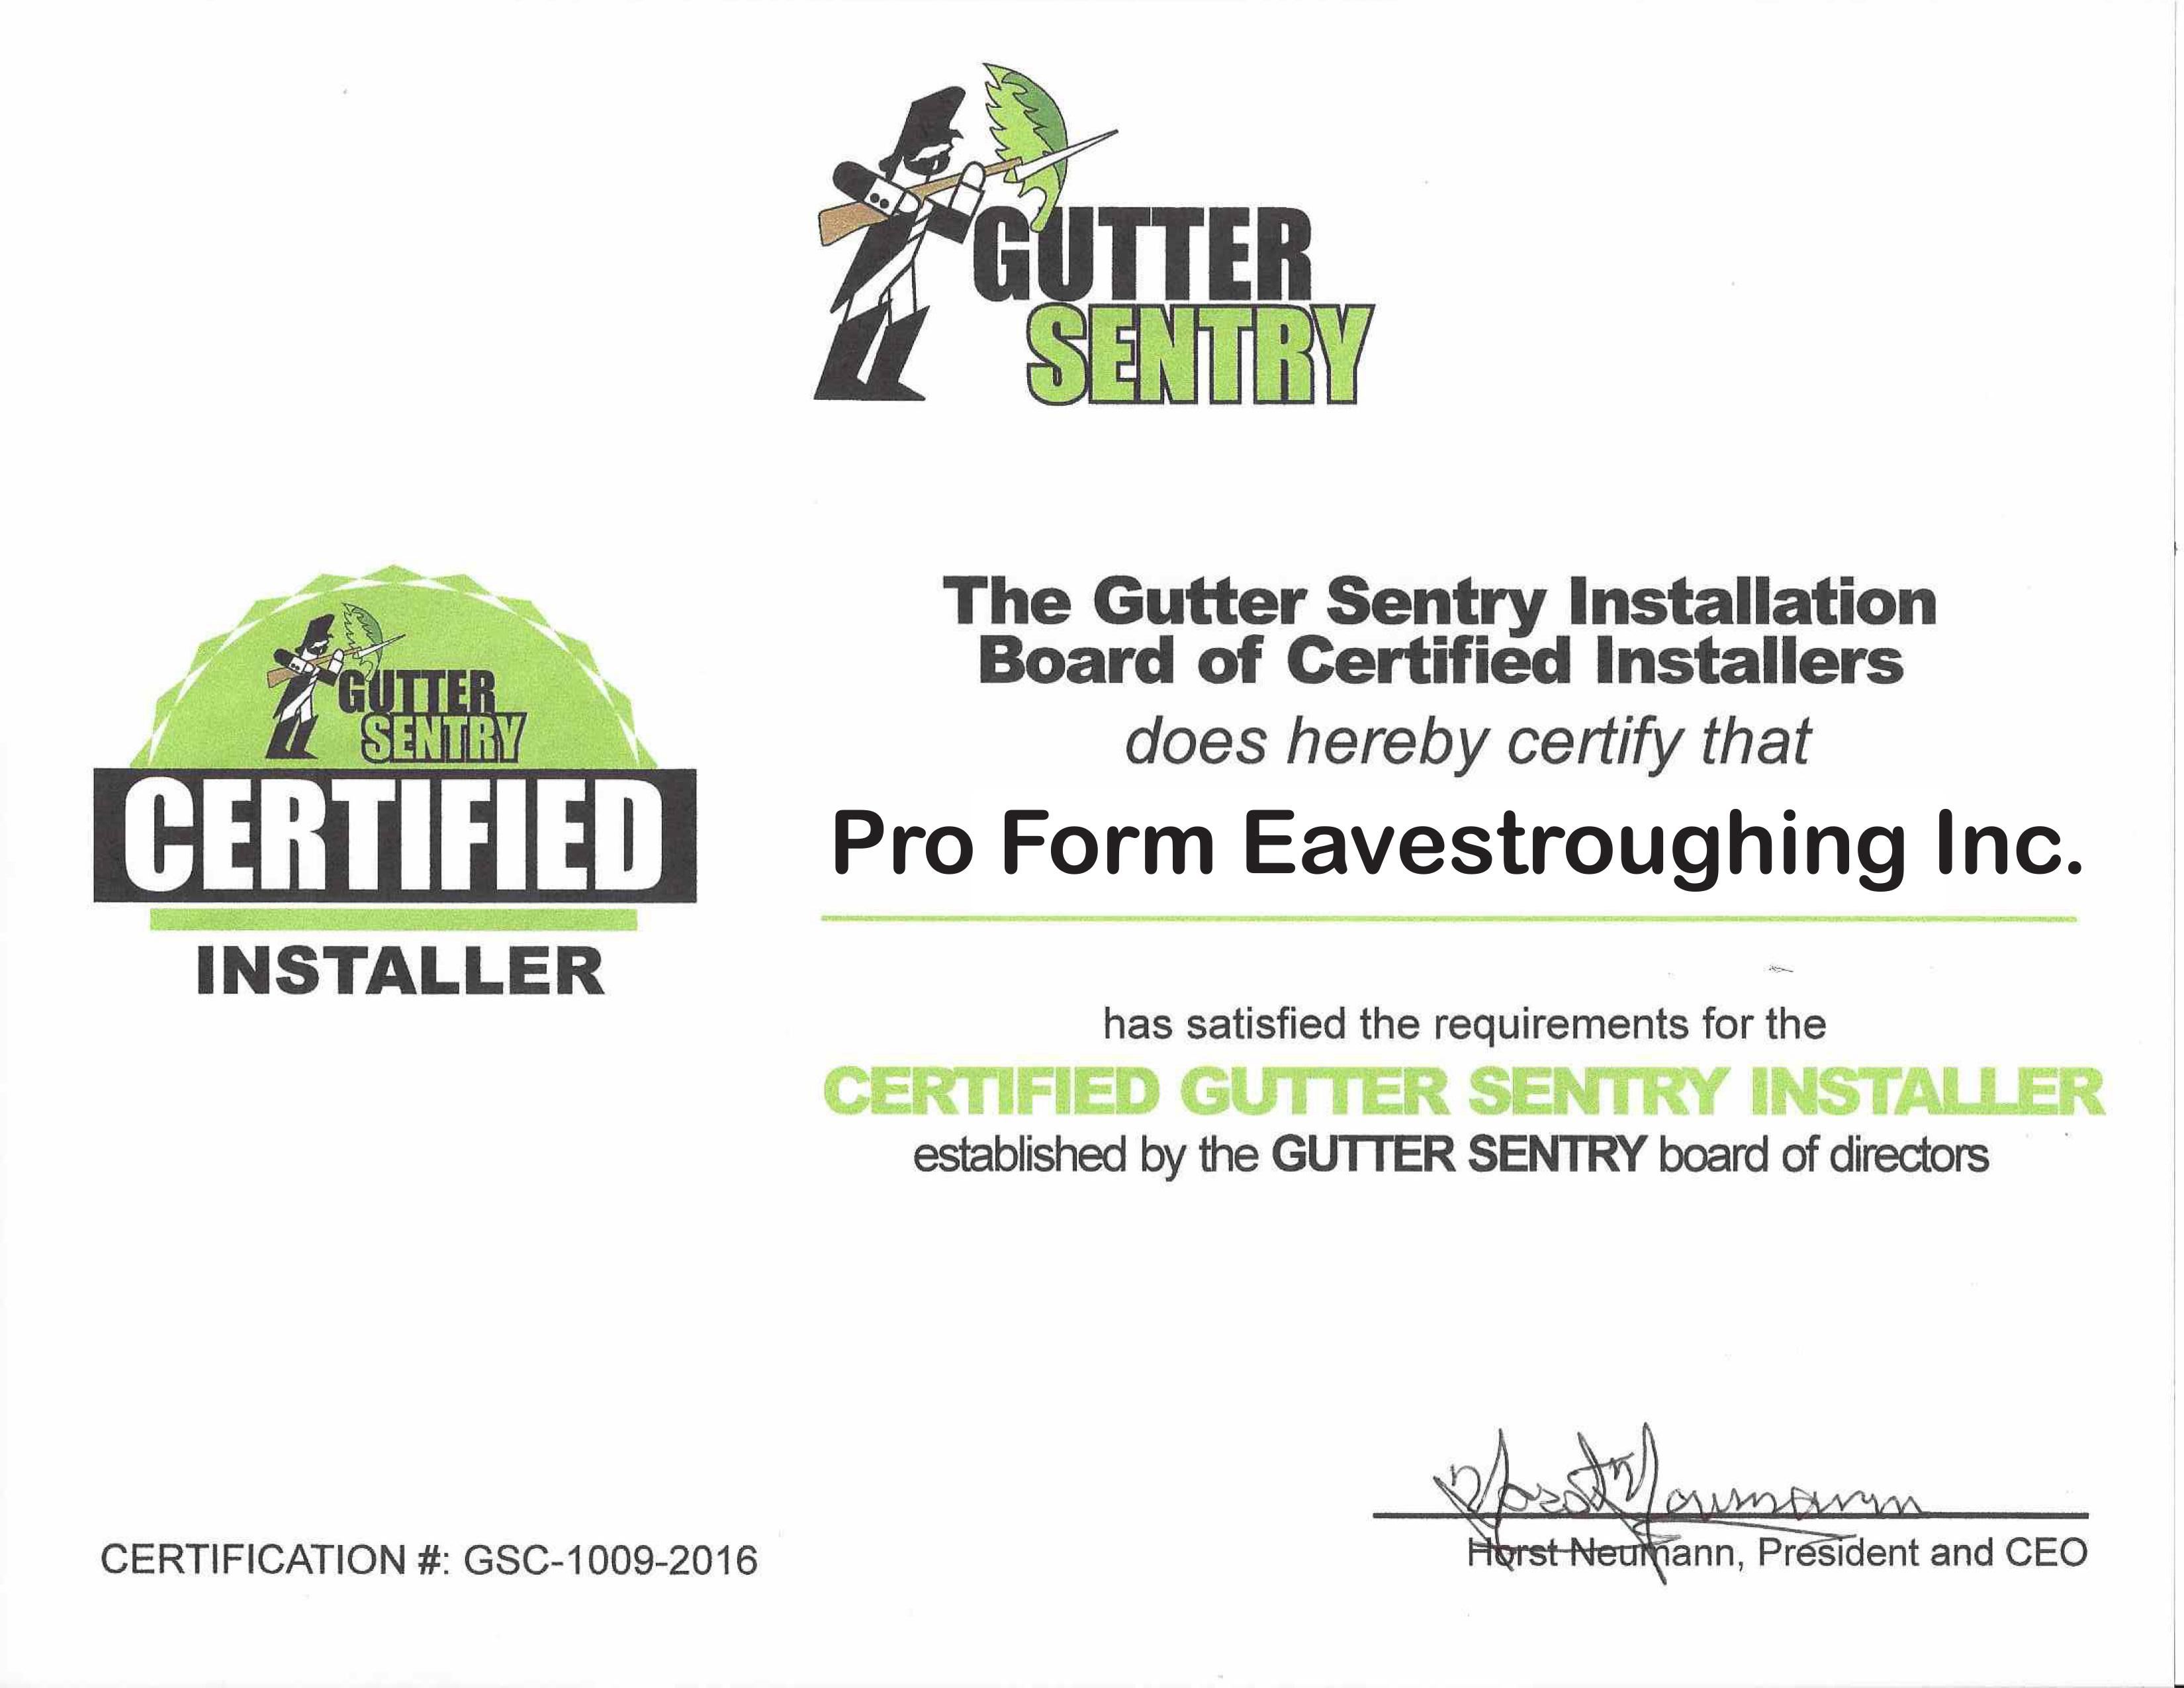 Gutter-Sentry